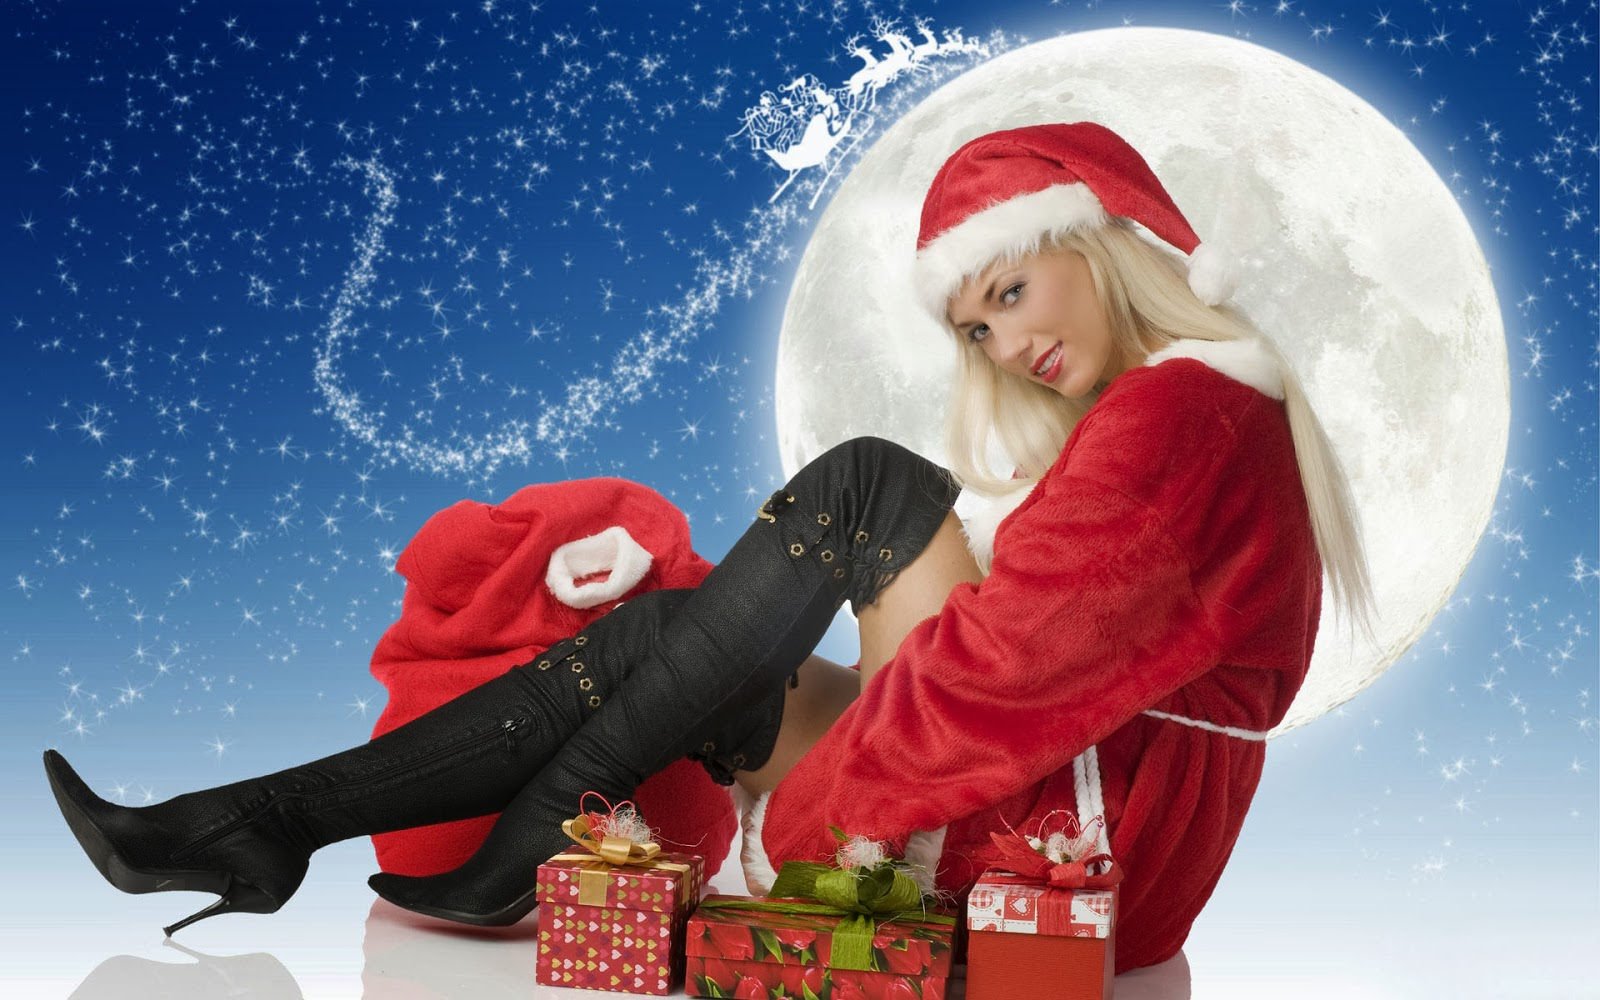 Sfondi Invernali Natalizi.All Apers Sfondi Sexy Natale